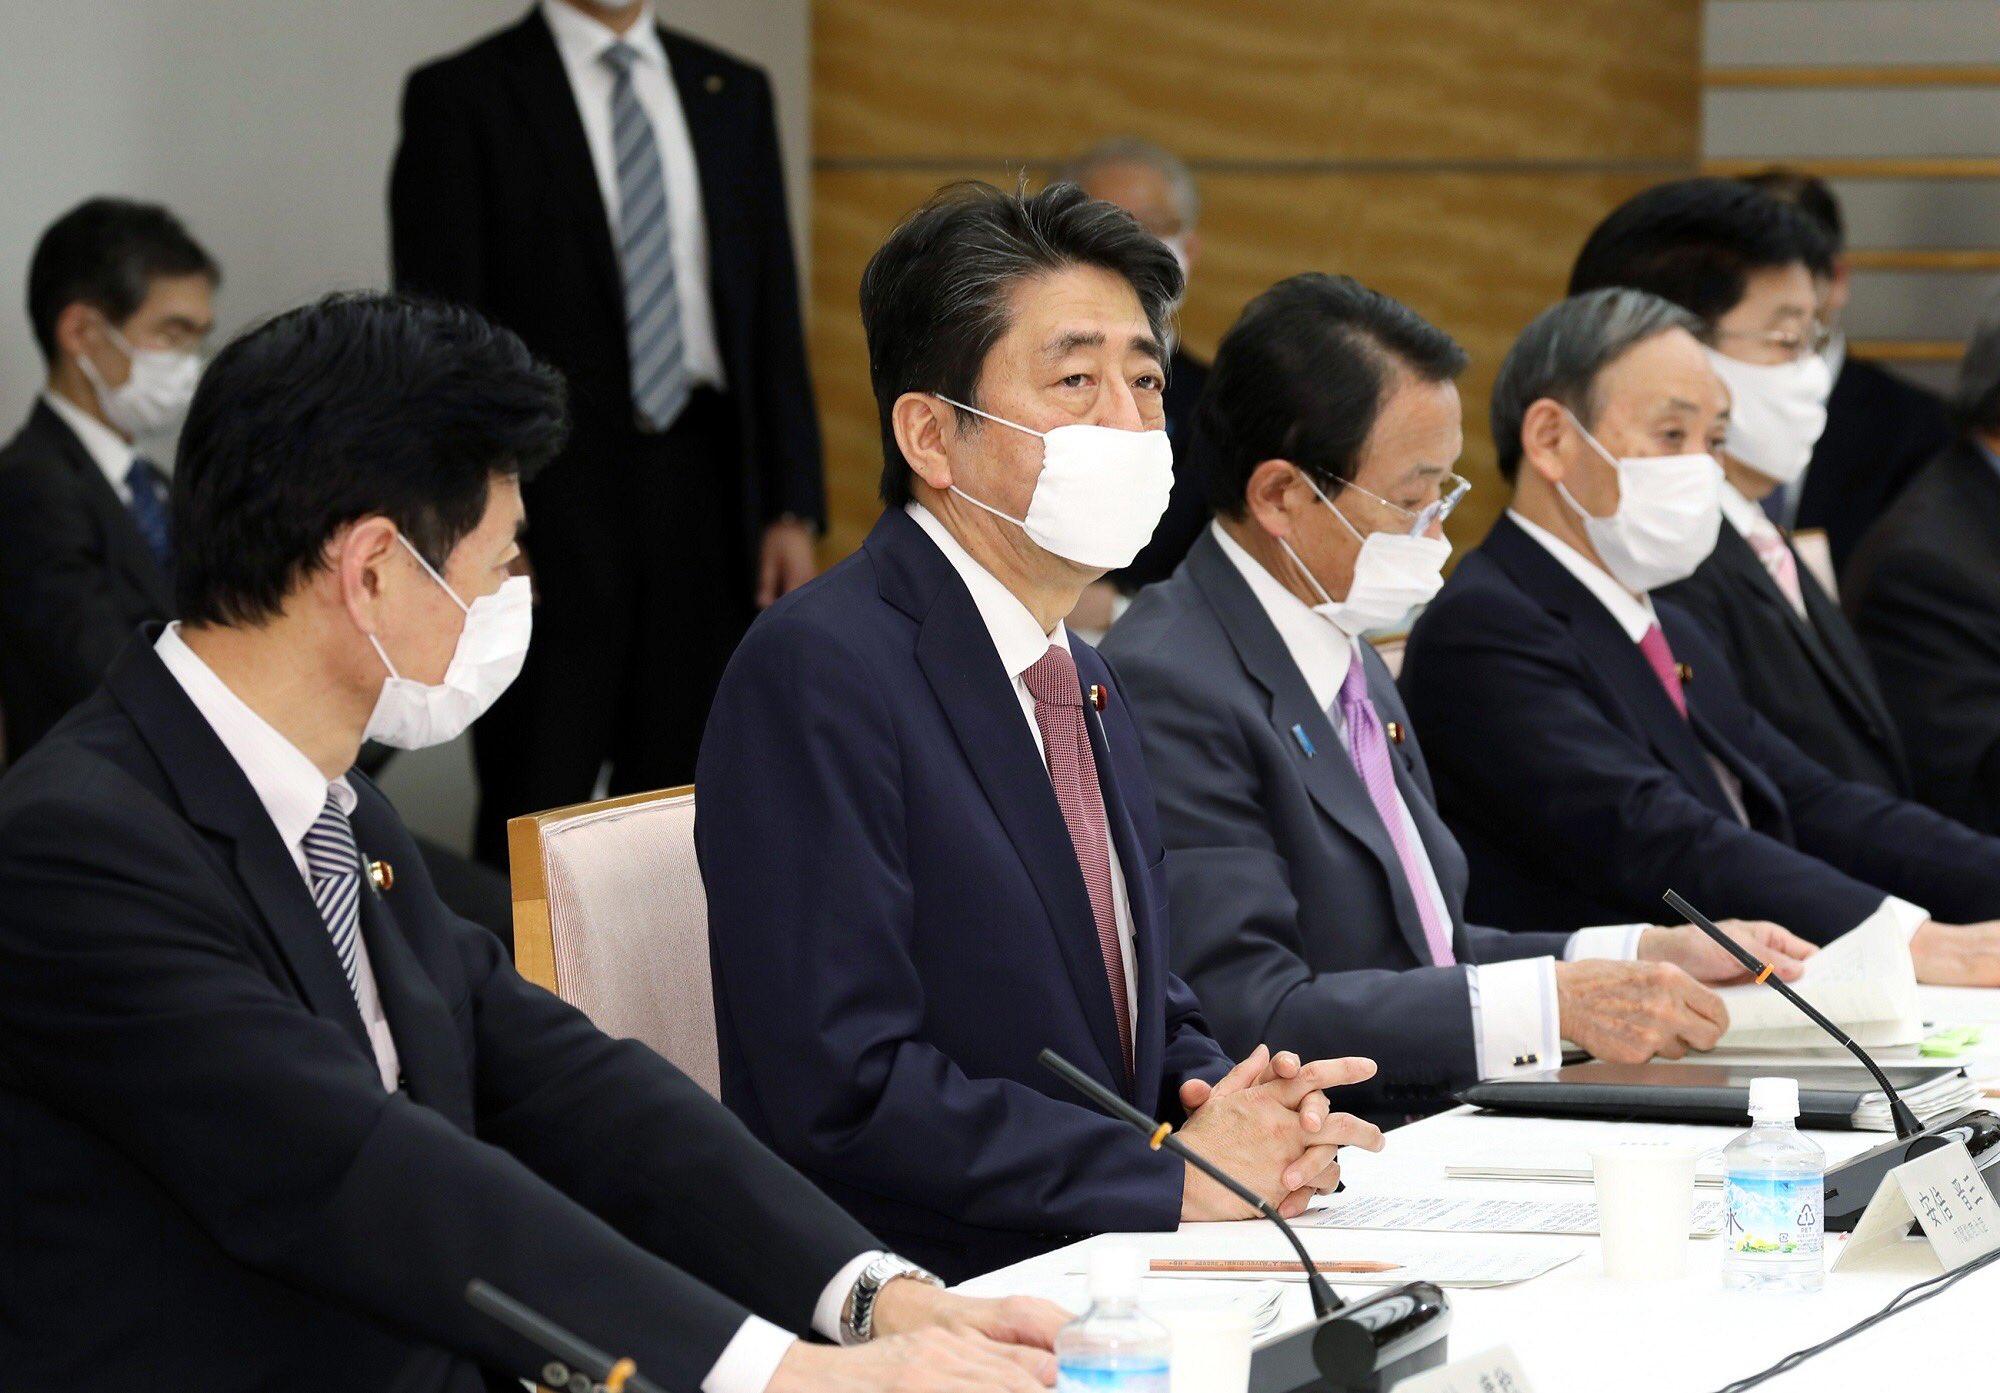 首相官邸で行われた第37回未来投資会議にマスクを付けて参加する安倍晋三首相と閣僚ら=3日(写真:首相官邸のツイッターより)